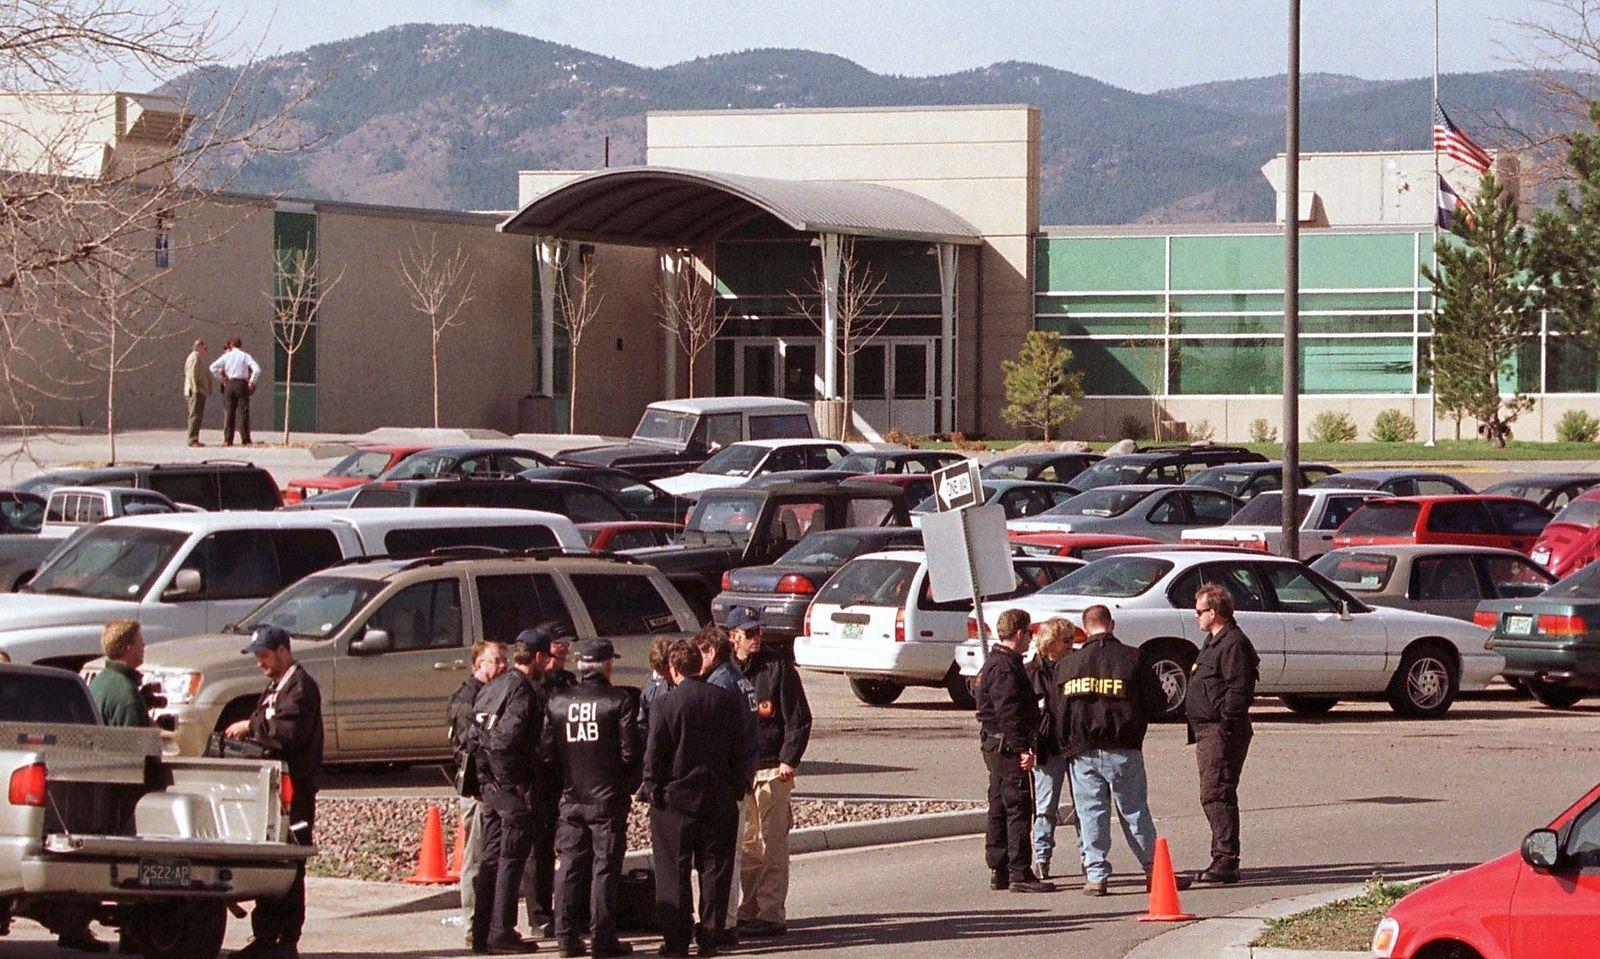 Die Frage nach dem Warum konnten auch die Ermittler nicht beantworten. Im Bild Polizei vor der Columbine High School im April 1999